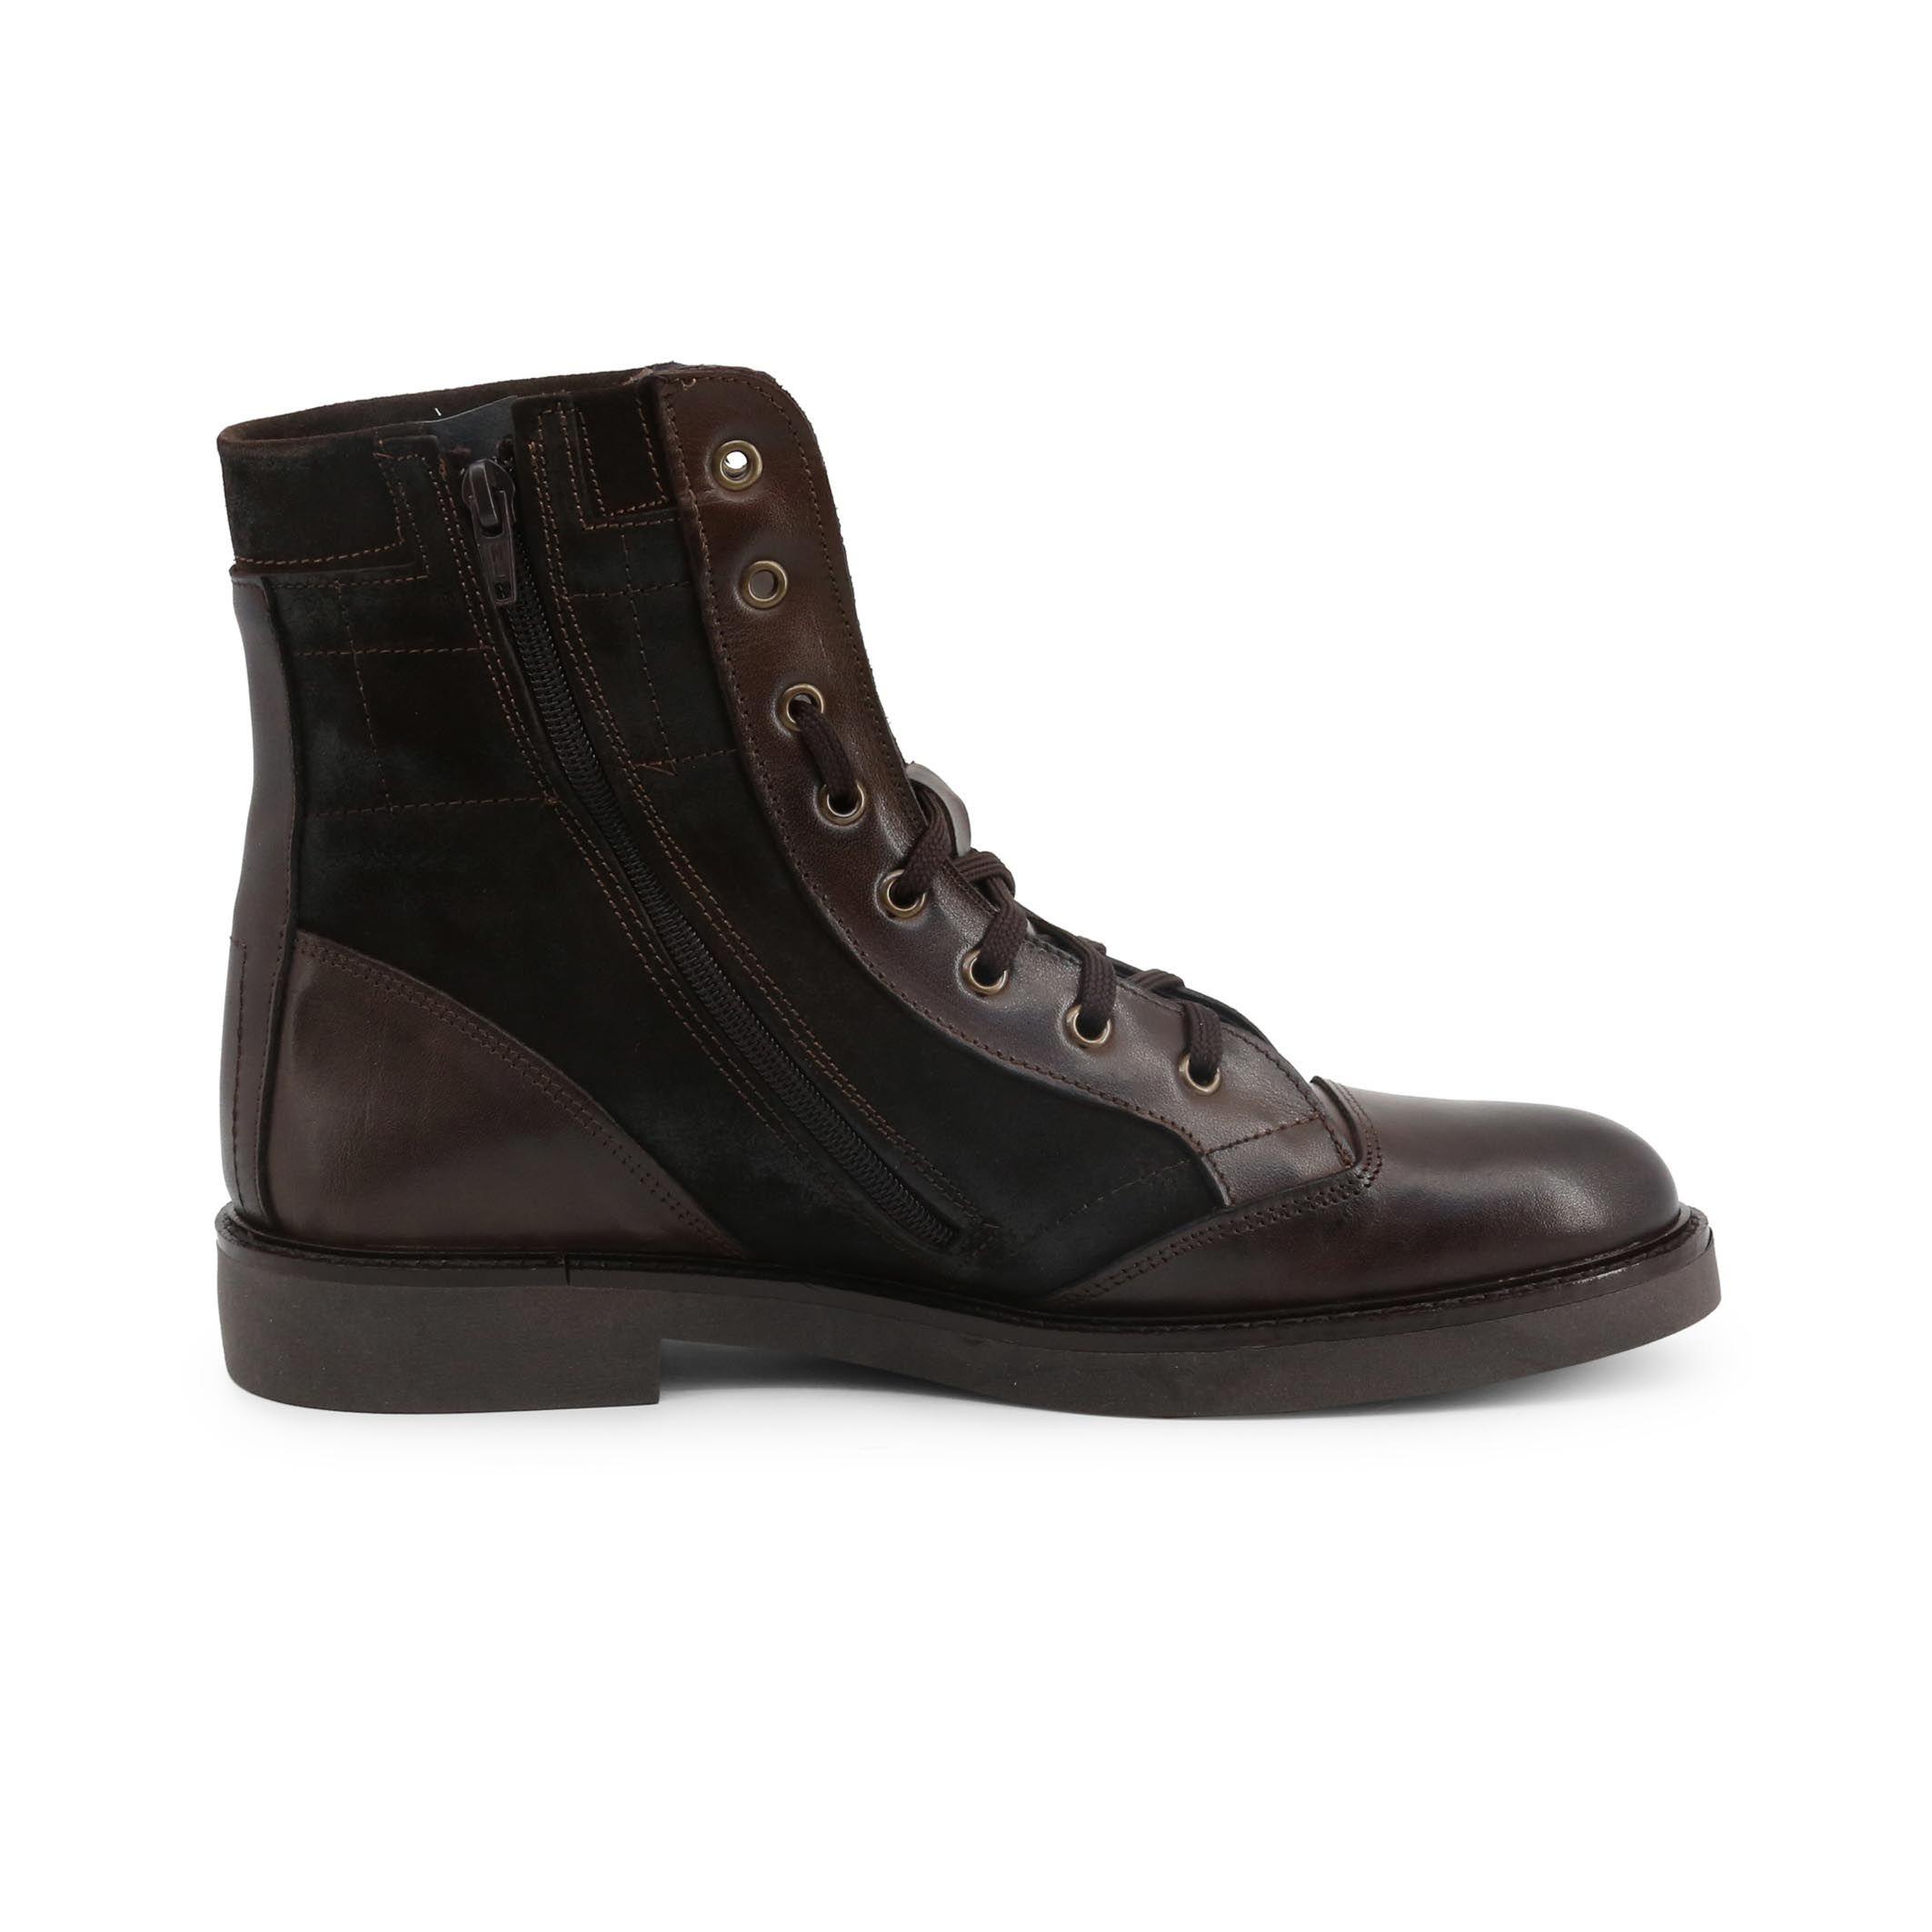 Schuhe Guido Bassi – 2_PELLE – Braun